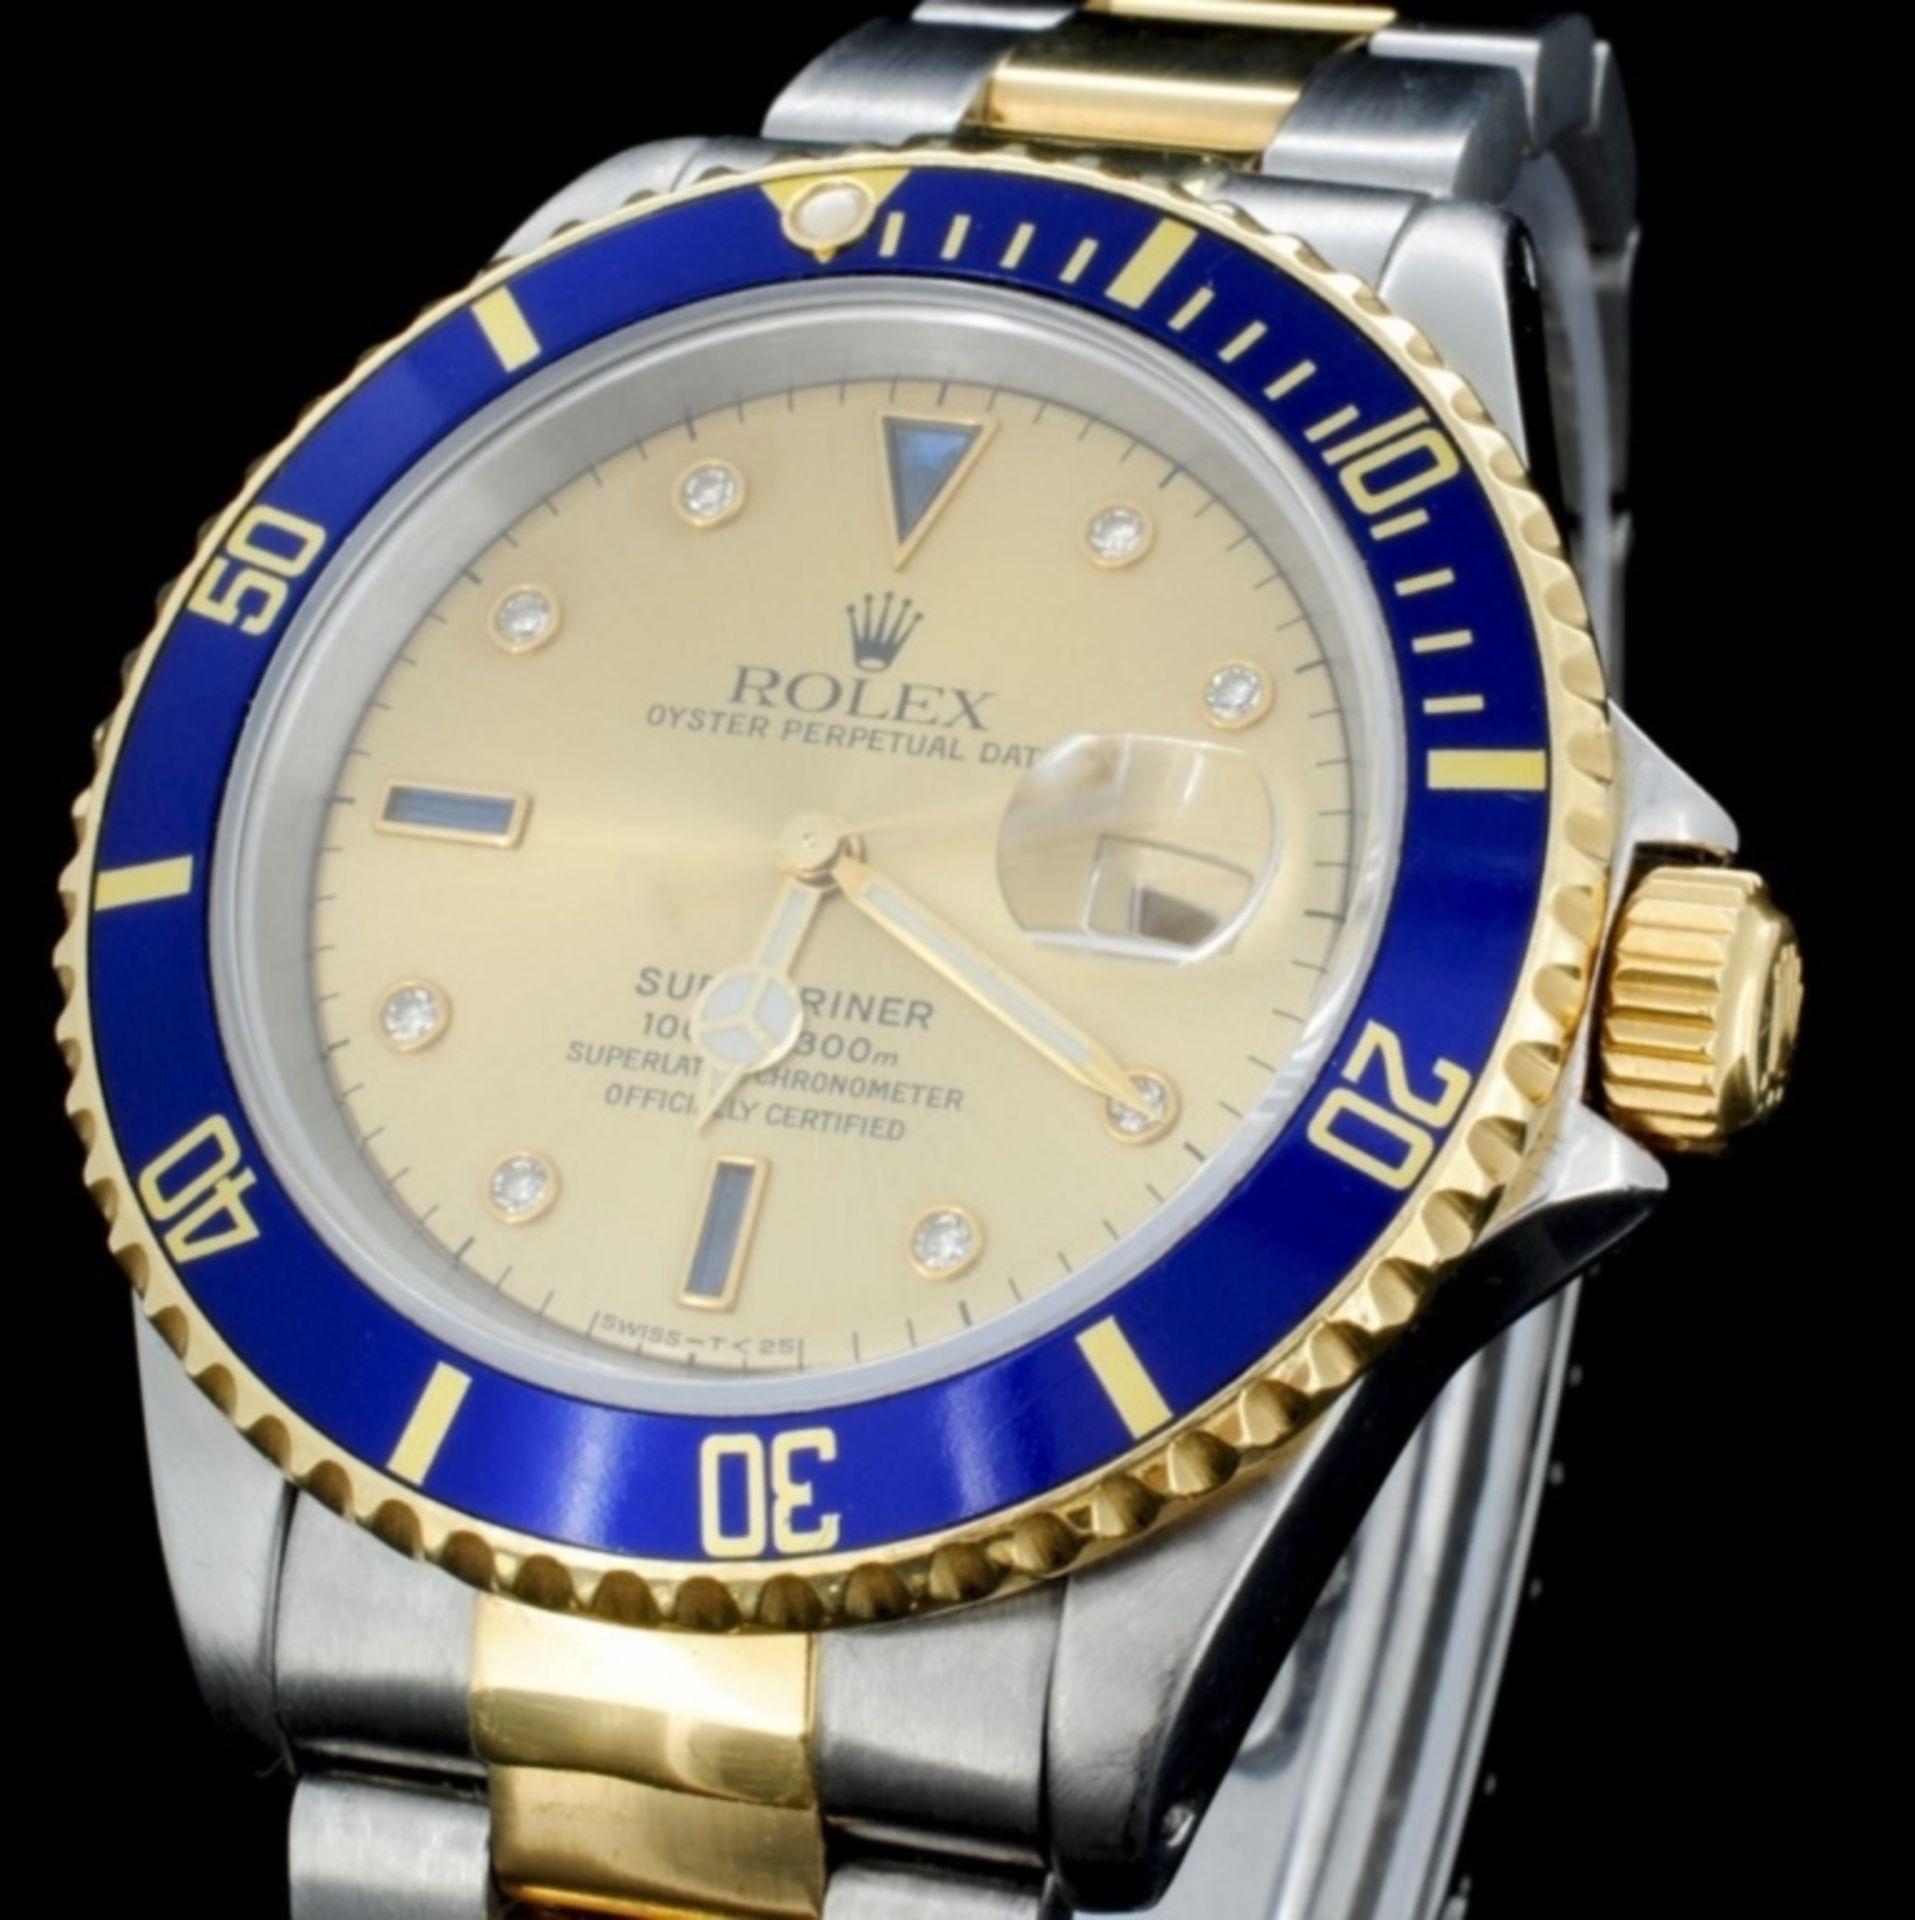 Rolex YG/SS Submariner Men's Wristwatch - Image 2 of 6